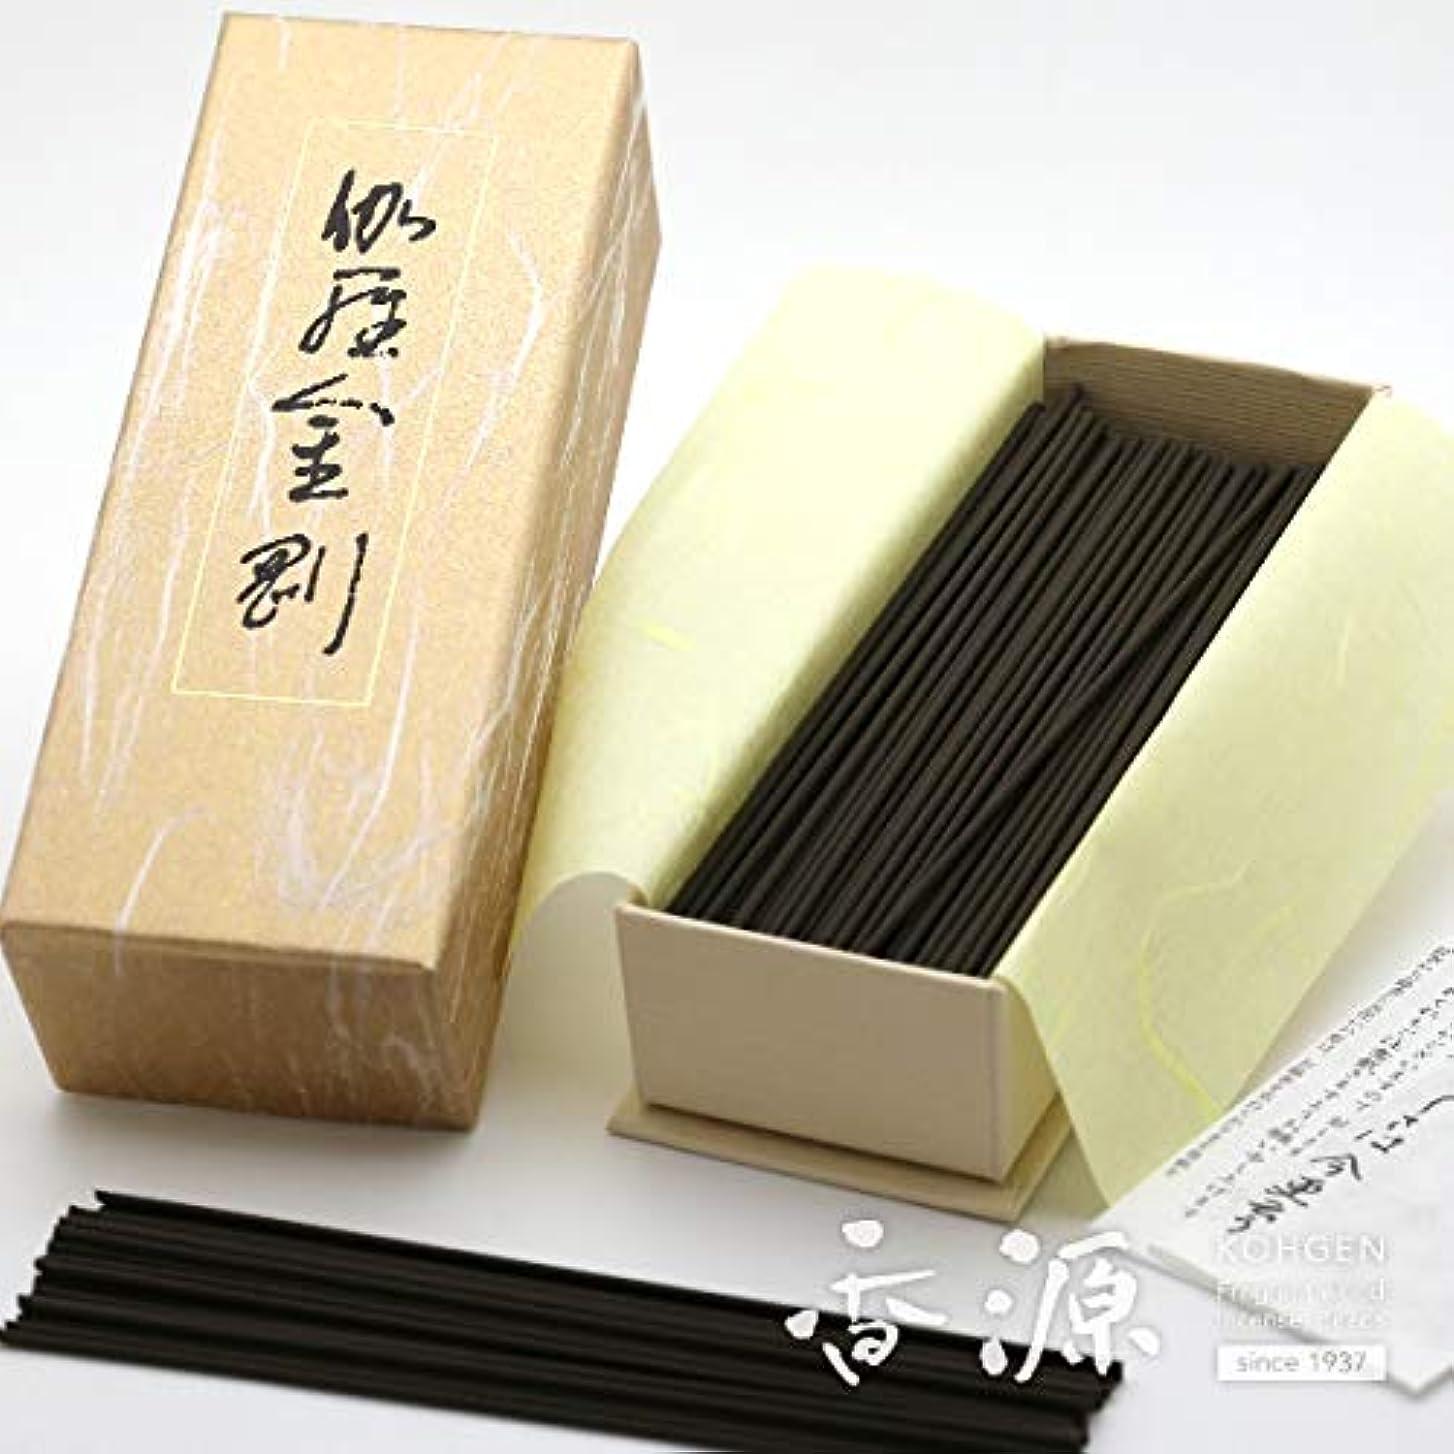 判定ダメージオレンジ日本香堂のお線香 伽羅金剛 お徳用バラ詰